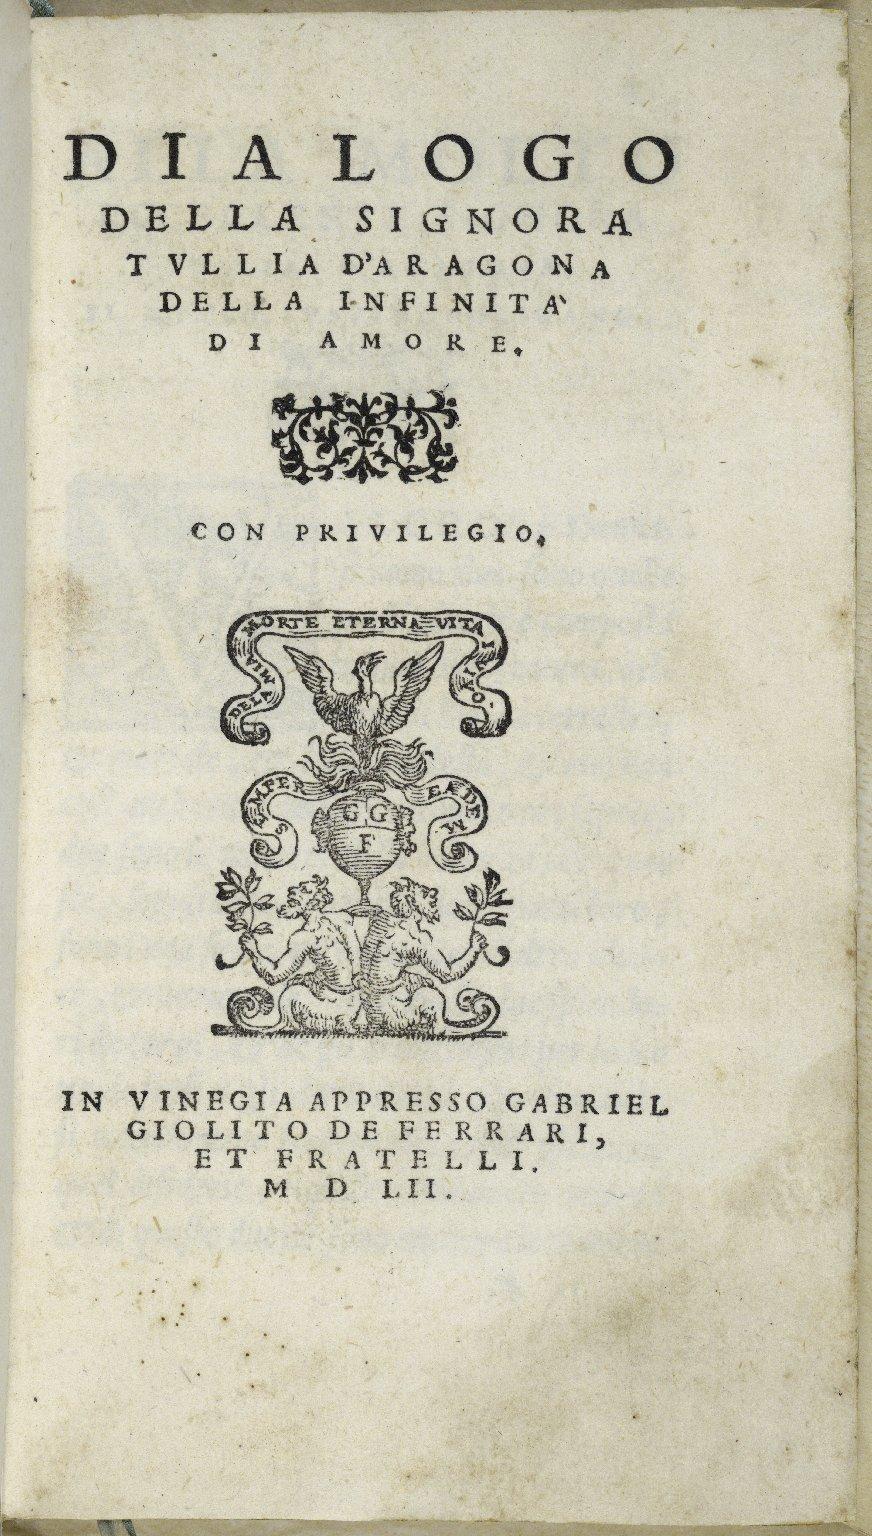 [Dialogo della infinità di amore] Dialogo della signora Tullia d'Aragona della infinità di amore.